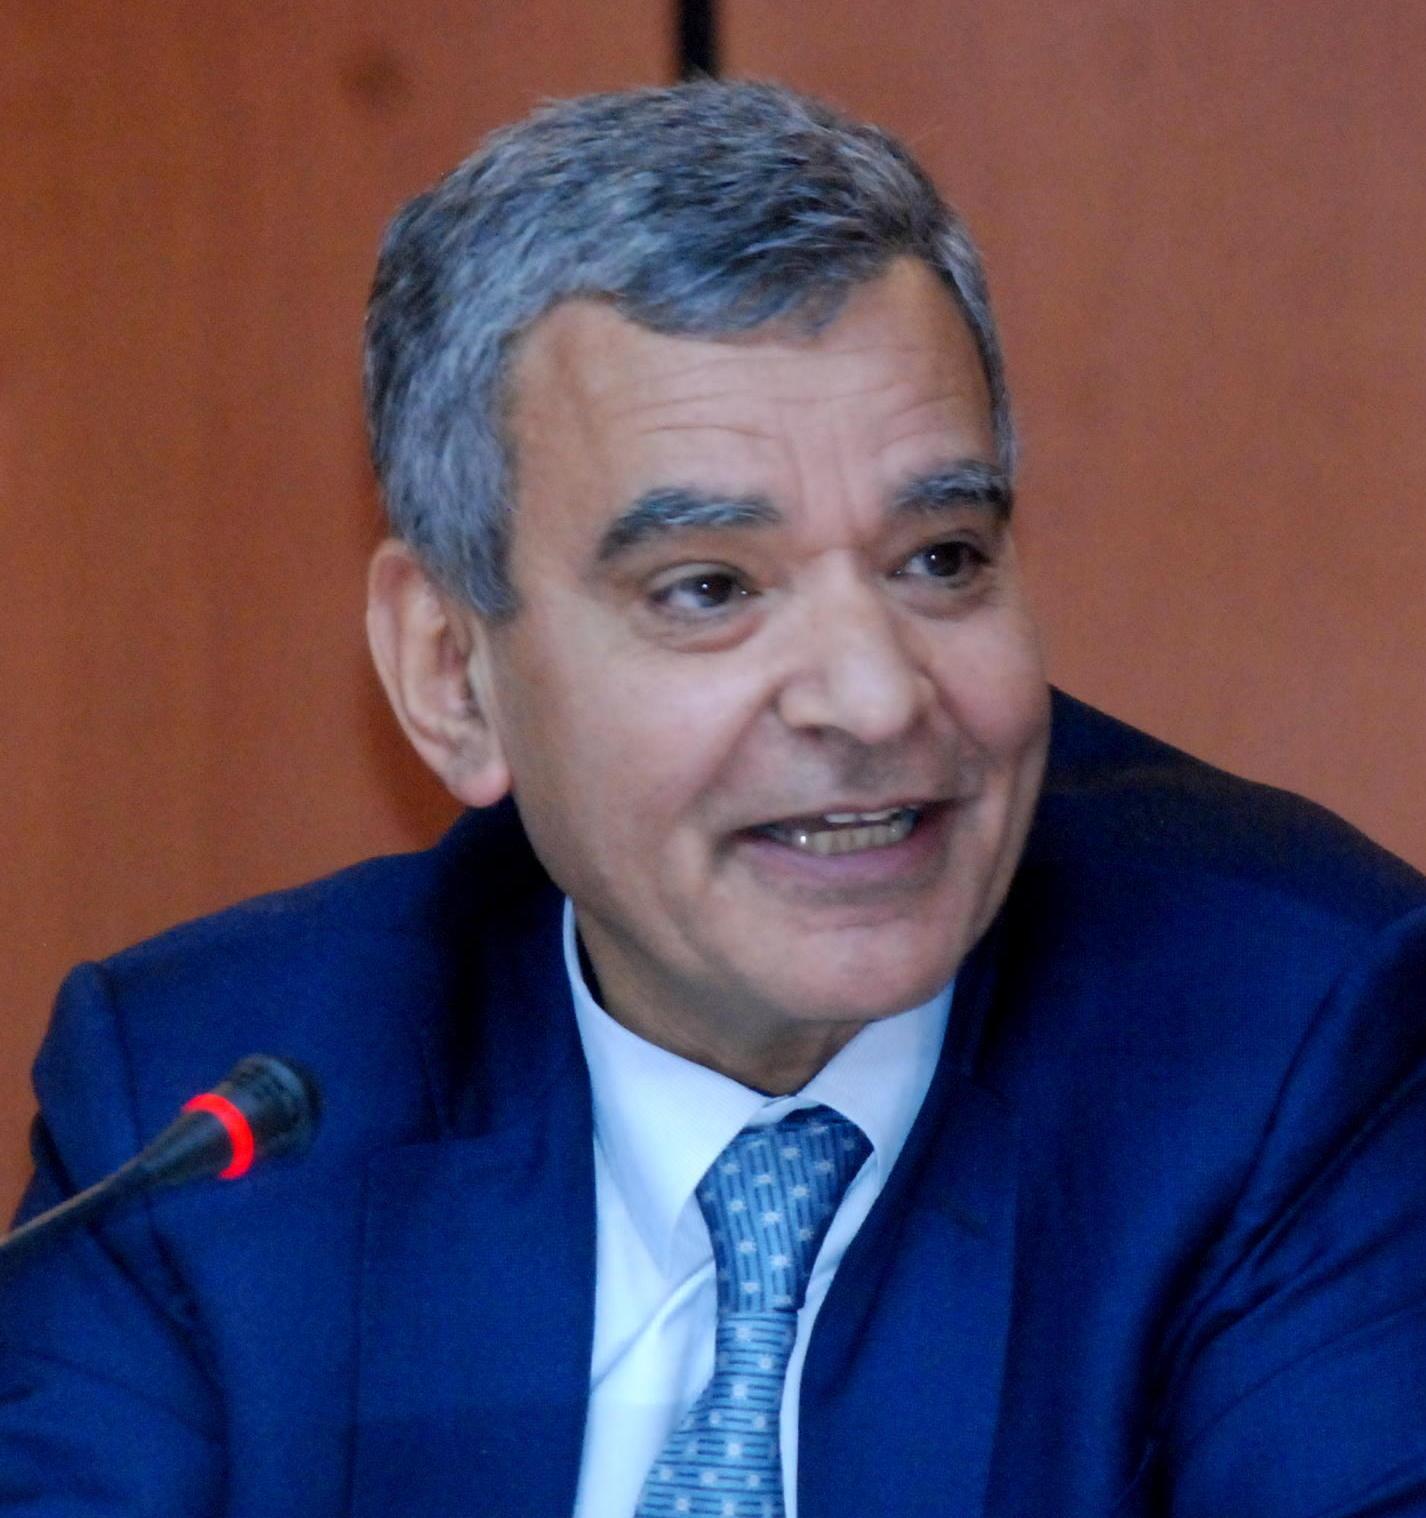 الاخ أحمد التومي : المقاولات والمؤسسات العمومية مدعوة الى الانخراط في البورصة للمساهمة في خلق الثورة